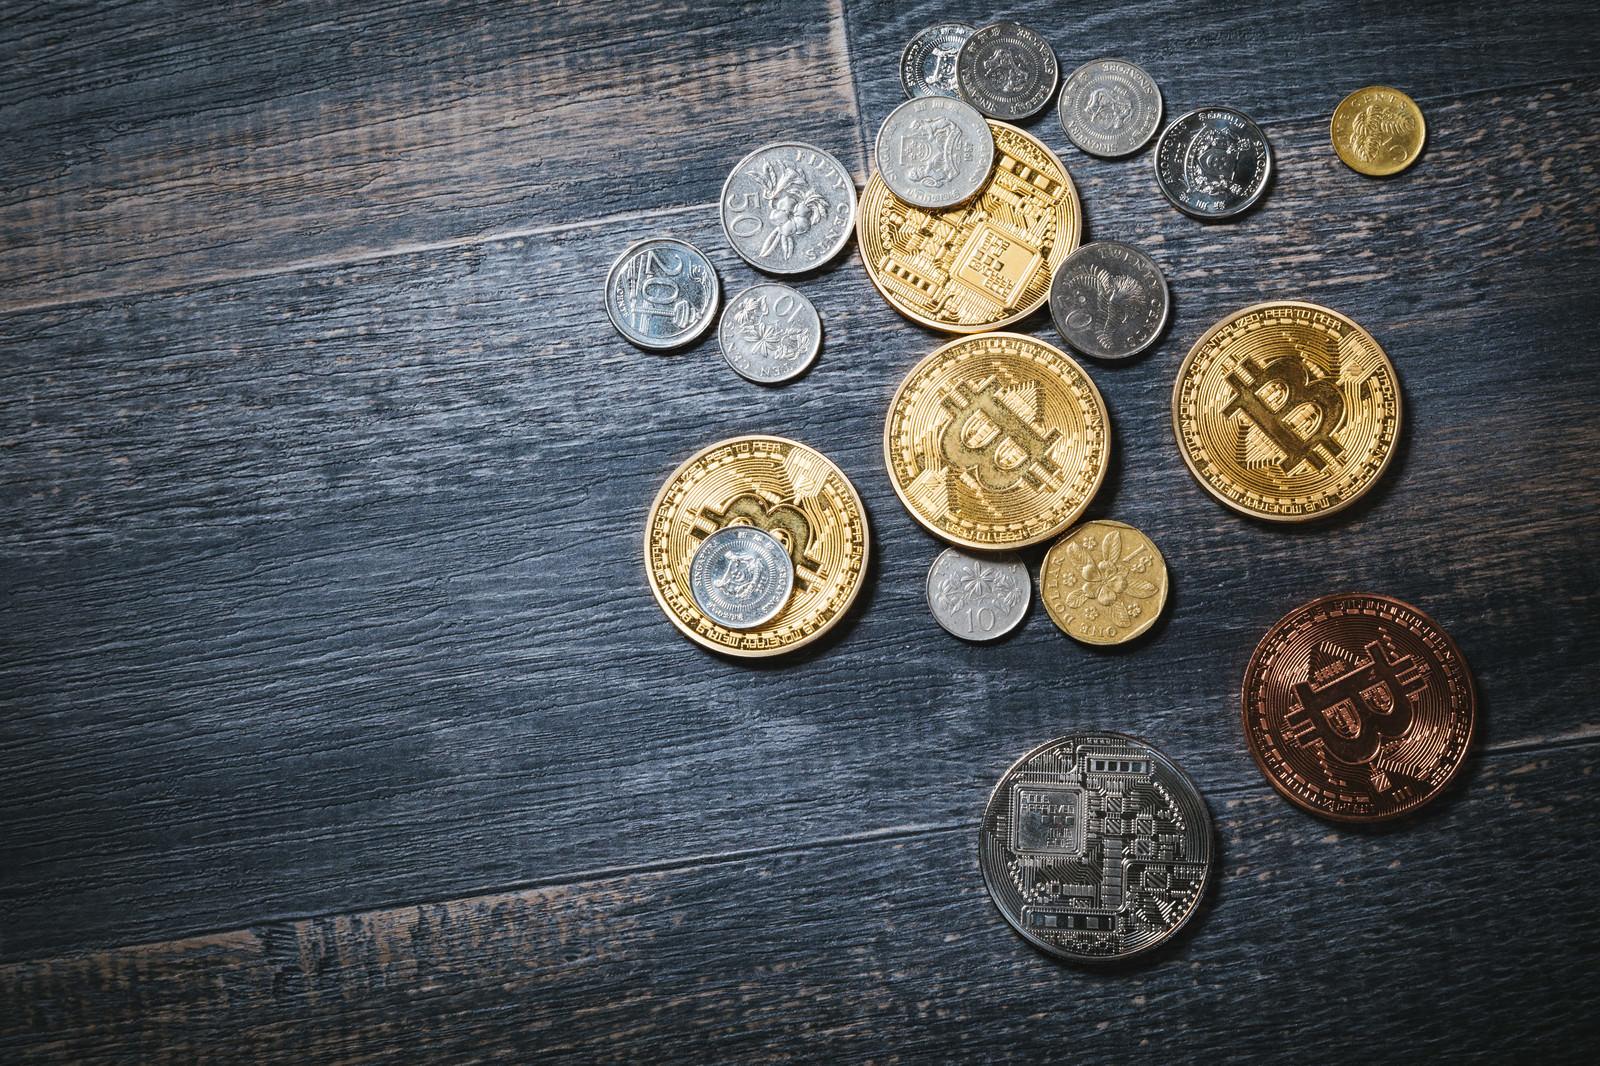 「散らばったビットコインと貨幣散らばったビットコインと貨幣」のフリー写真素材を拡大